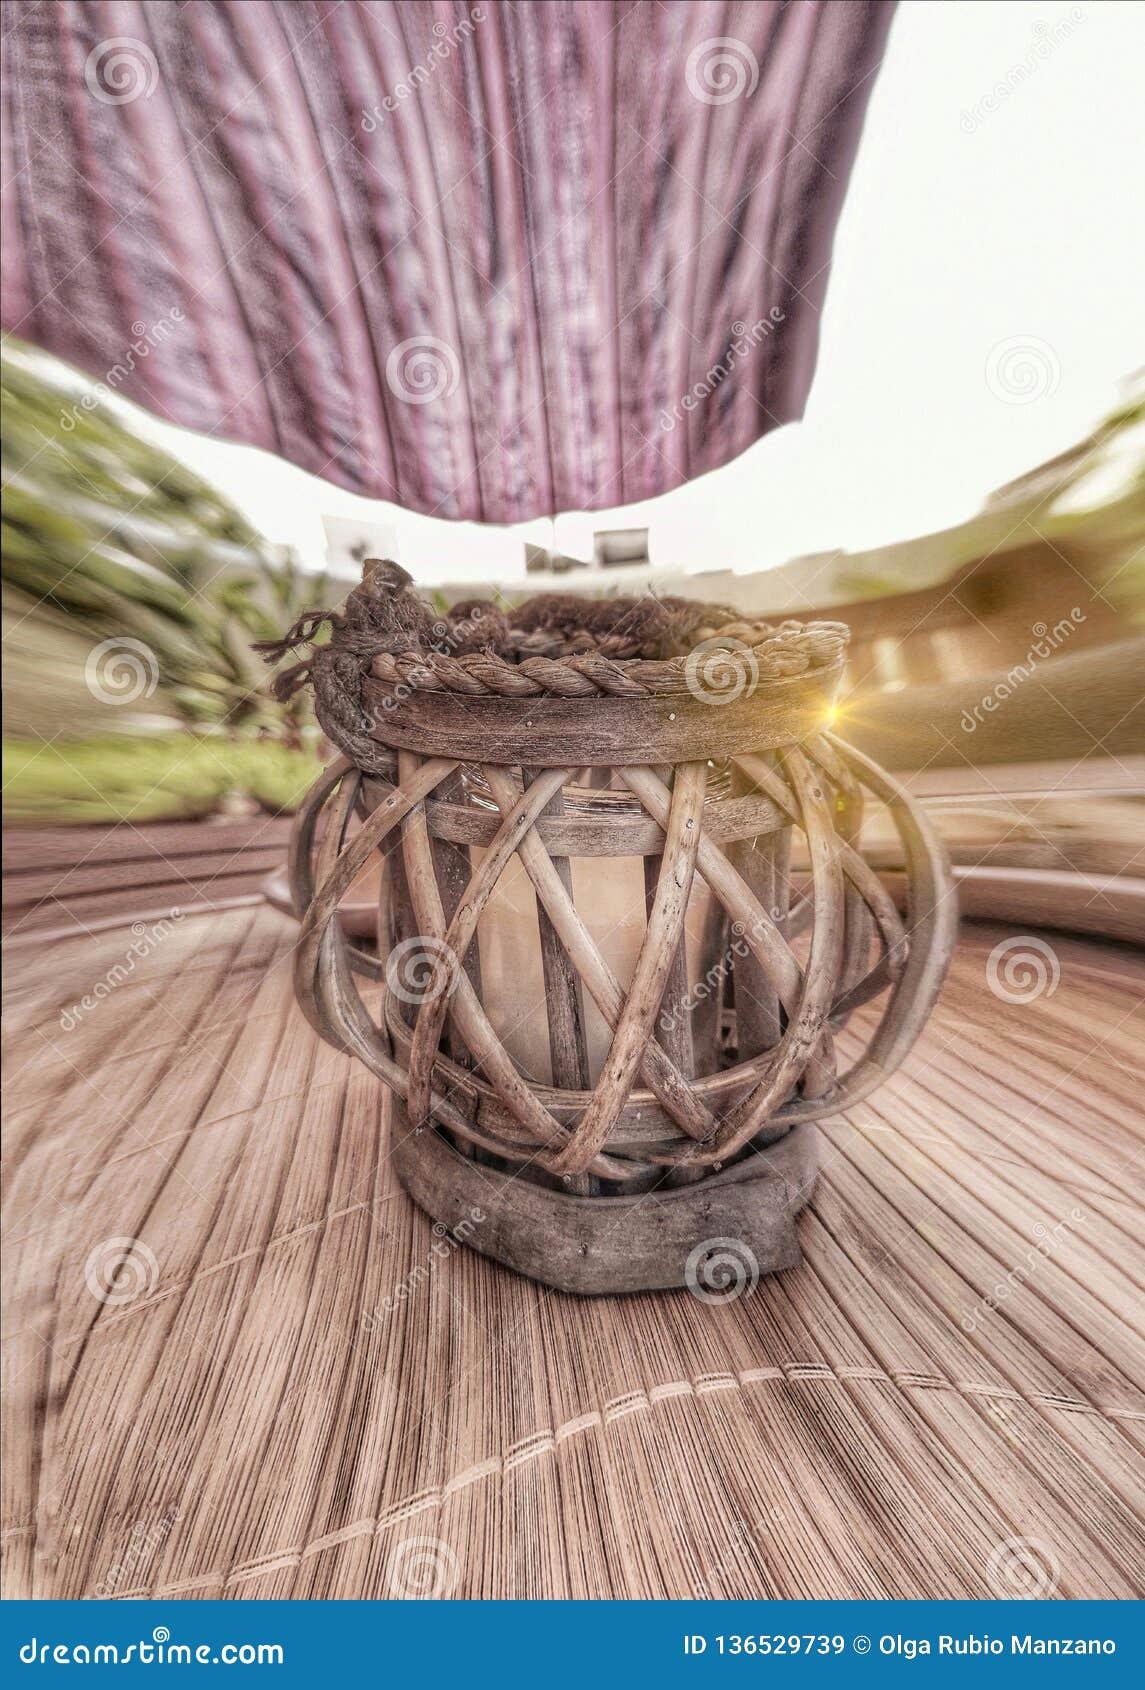 Candleholder in the garden